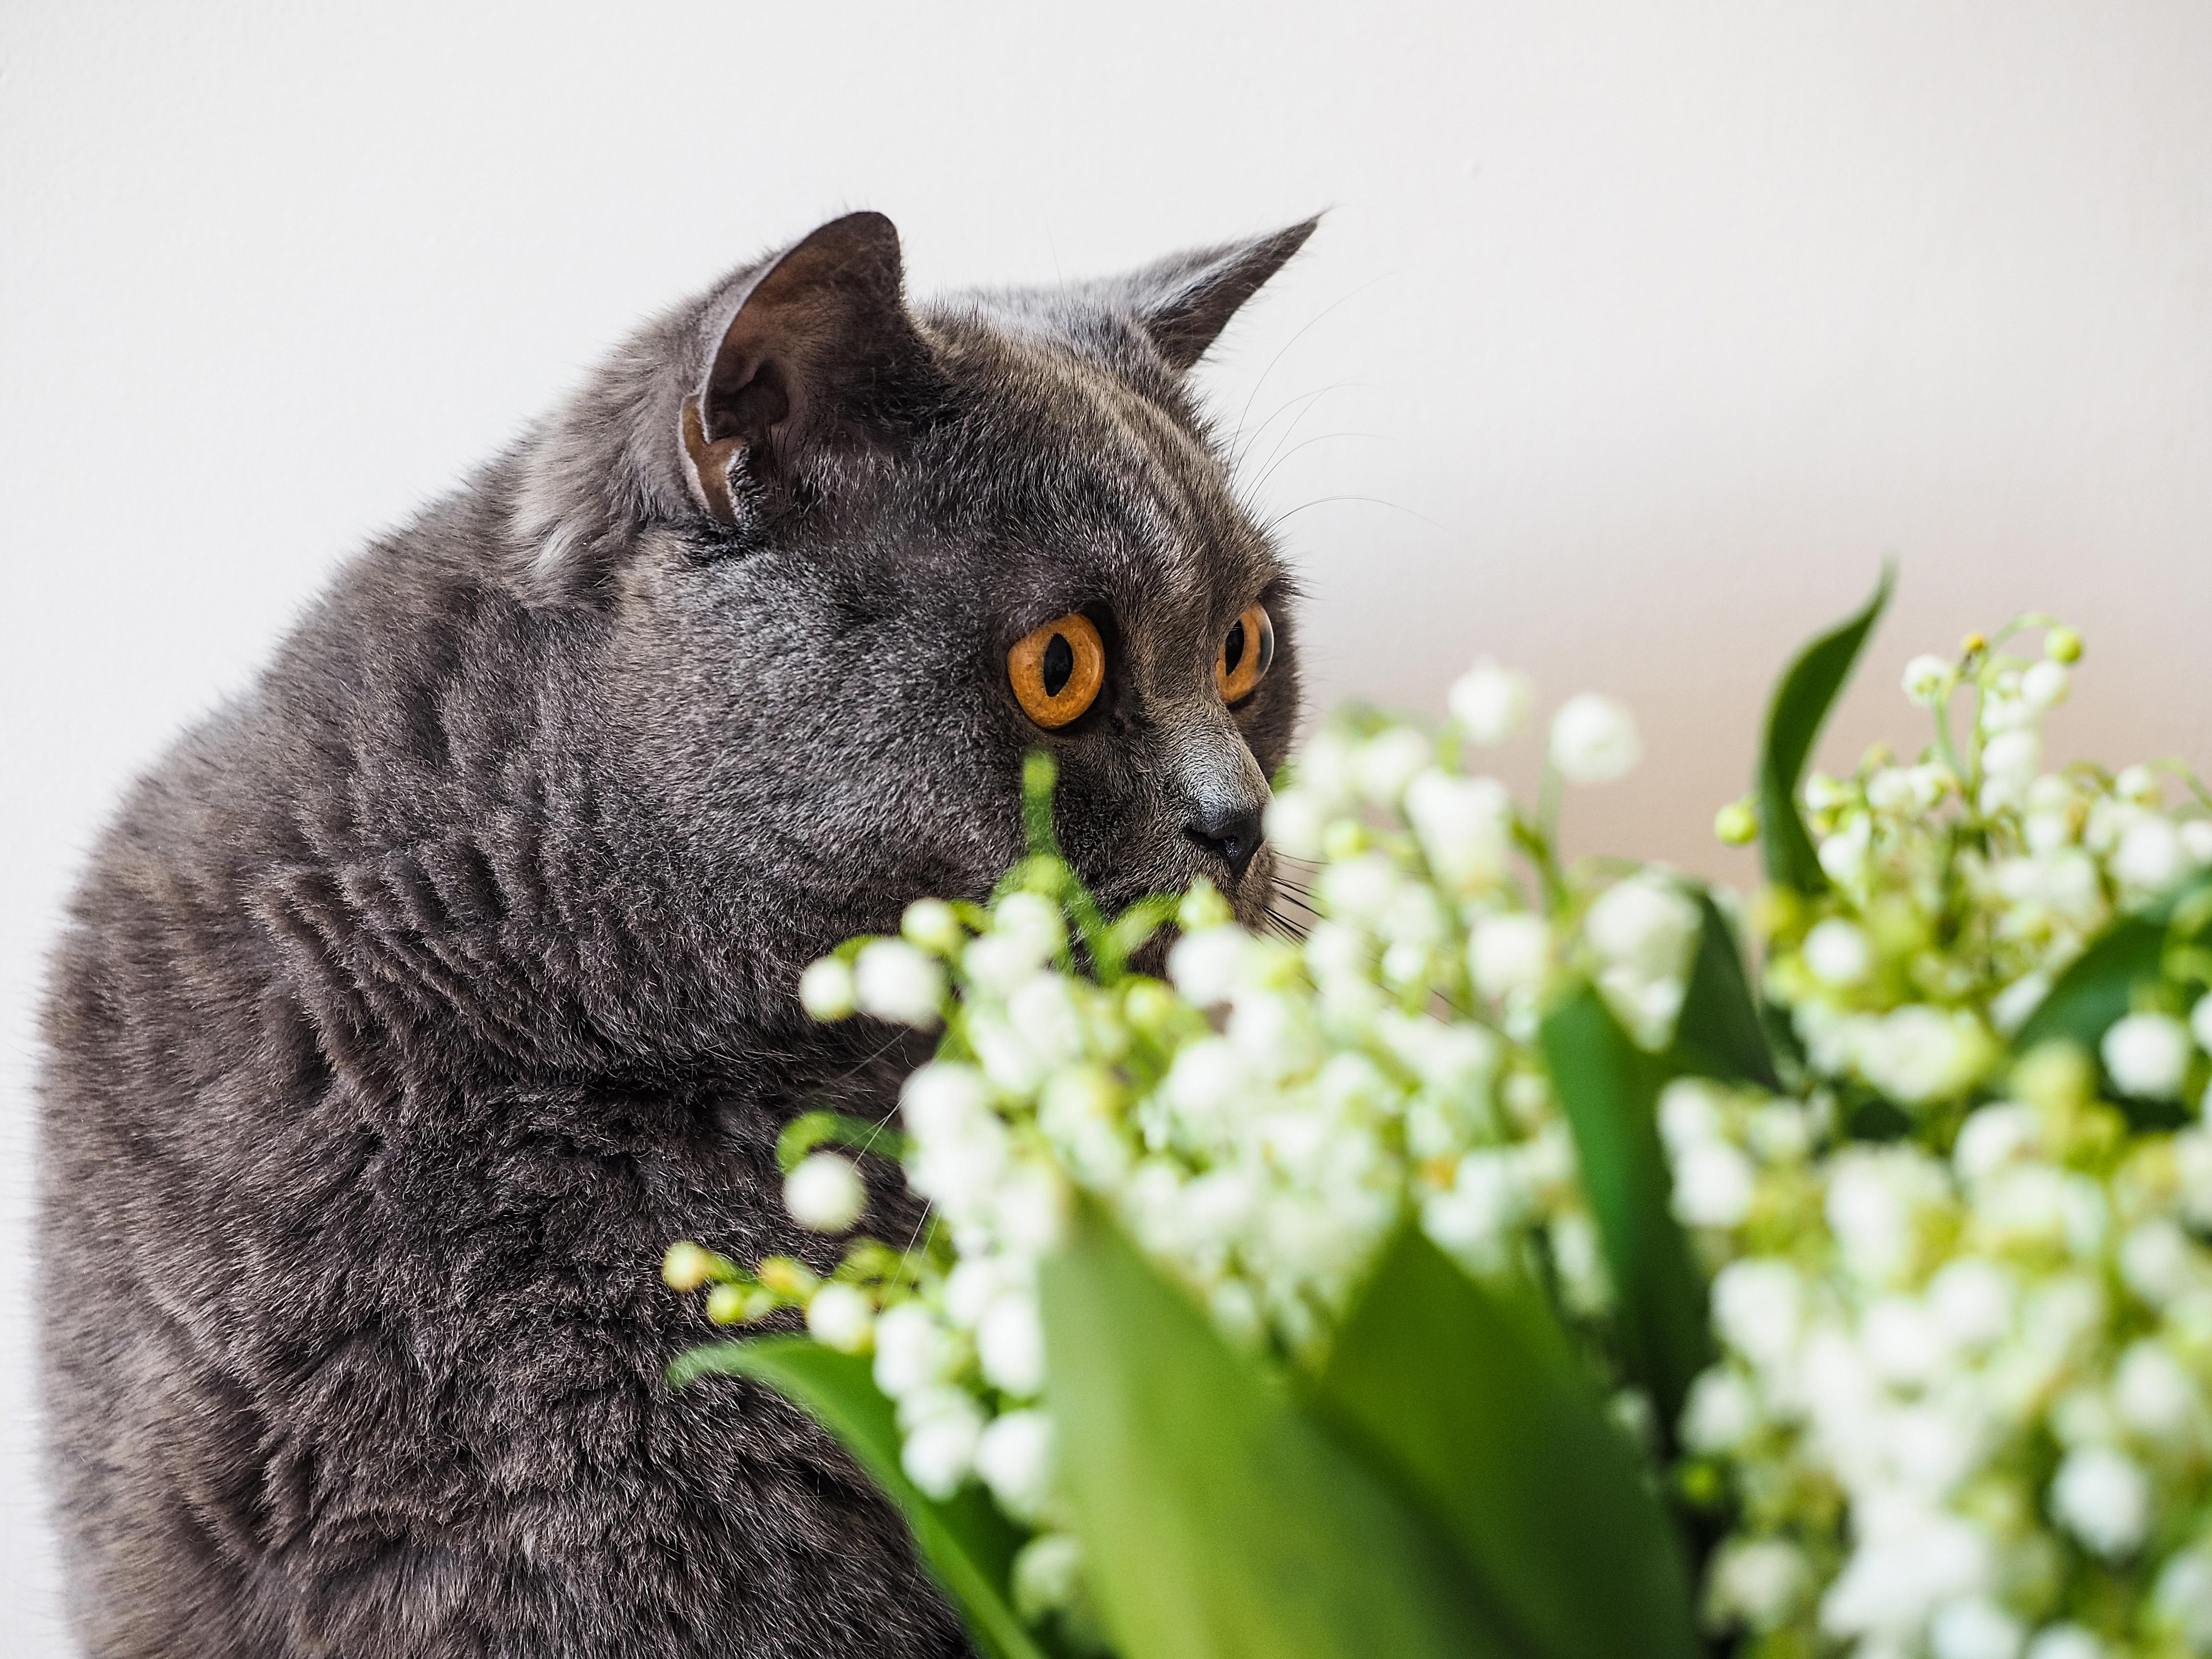 Le muguet une plante toxique pour les chats et les chiens - Plantes toxiques non toxiques chien chat ...